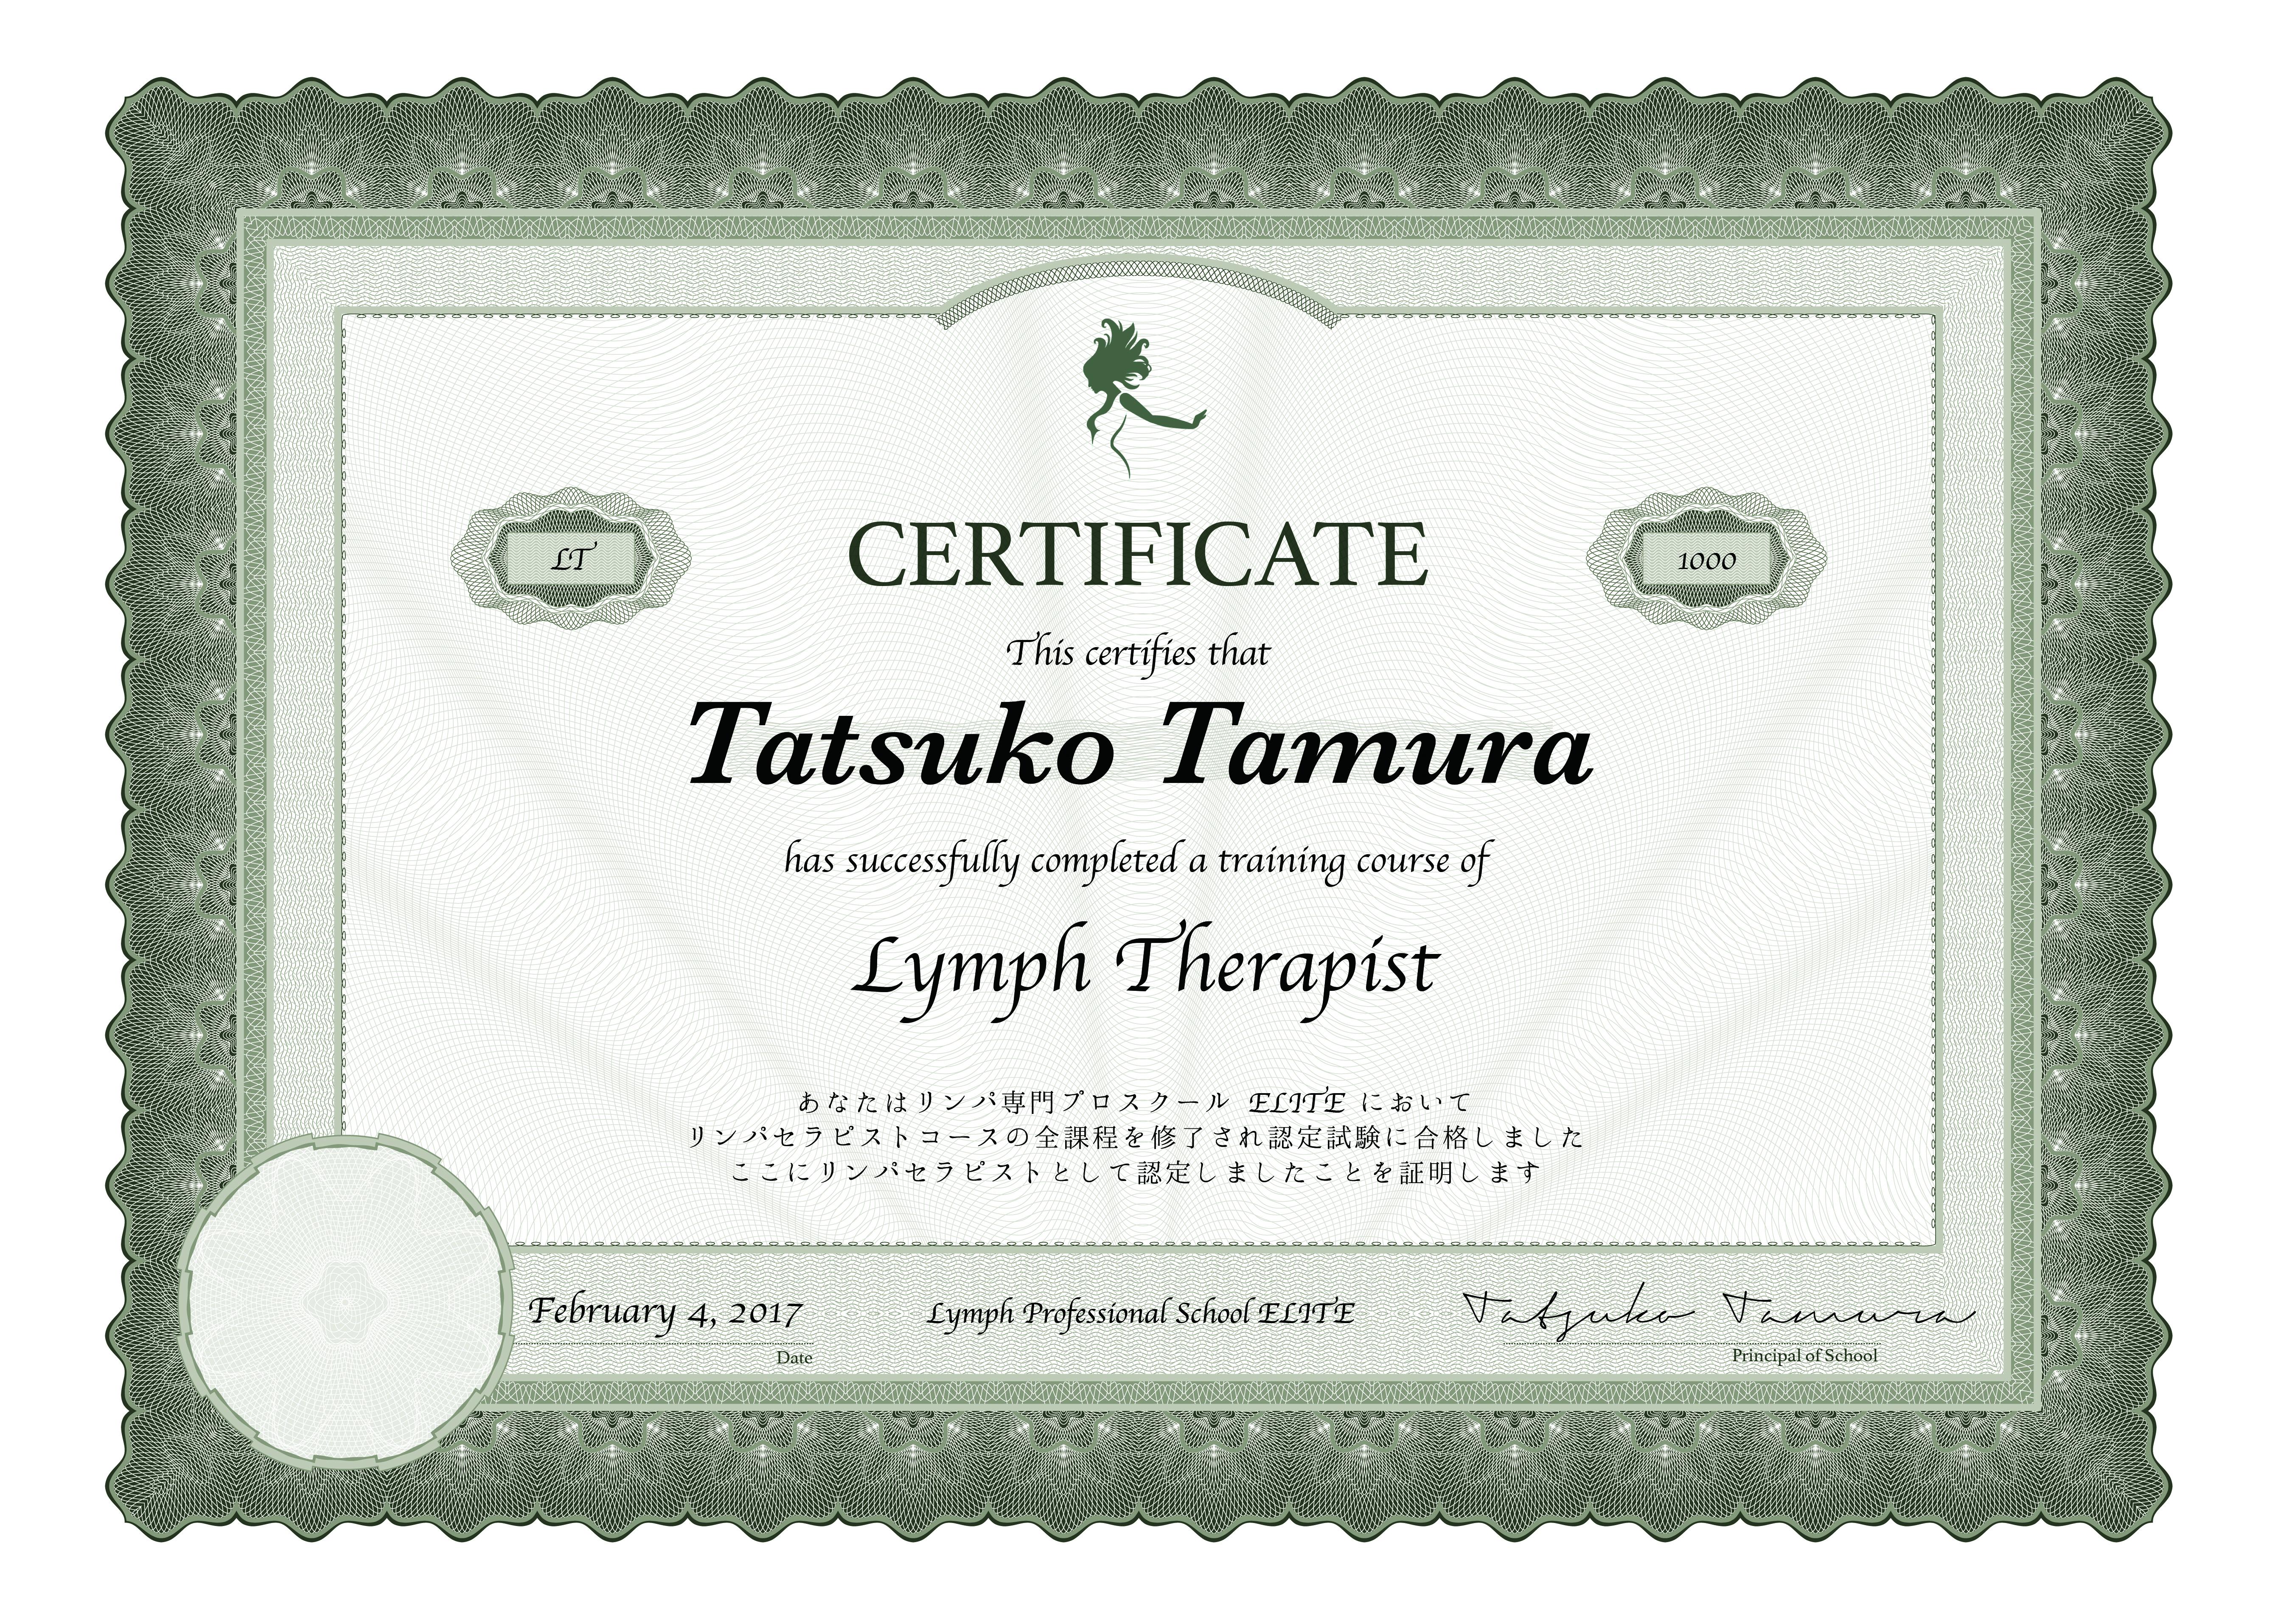 沖縄リンパ スクール 資格